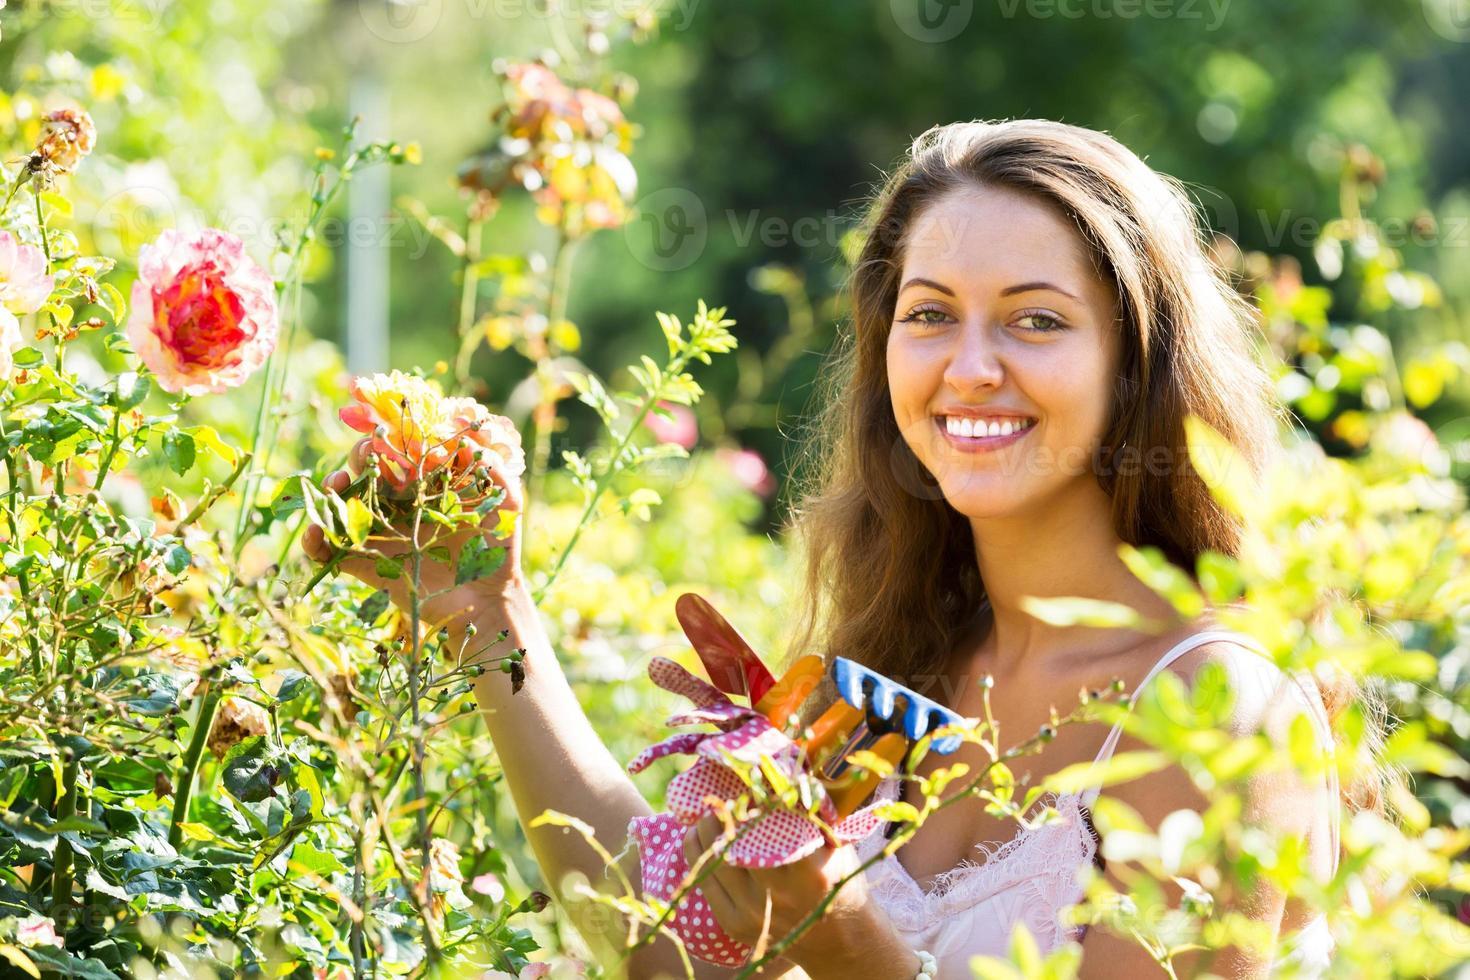 florista feminina no jardim de verão foto